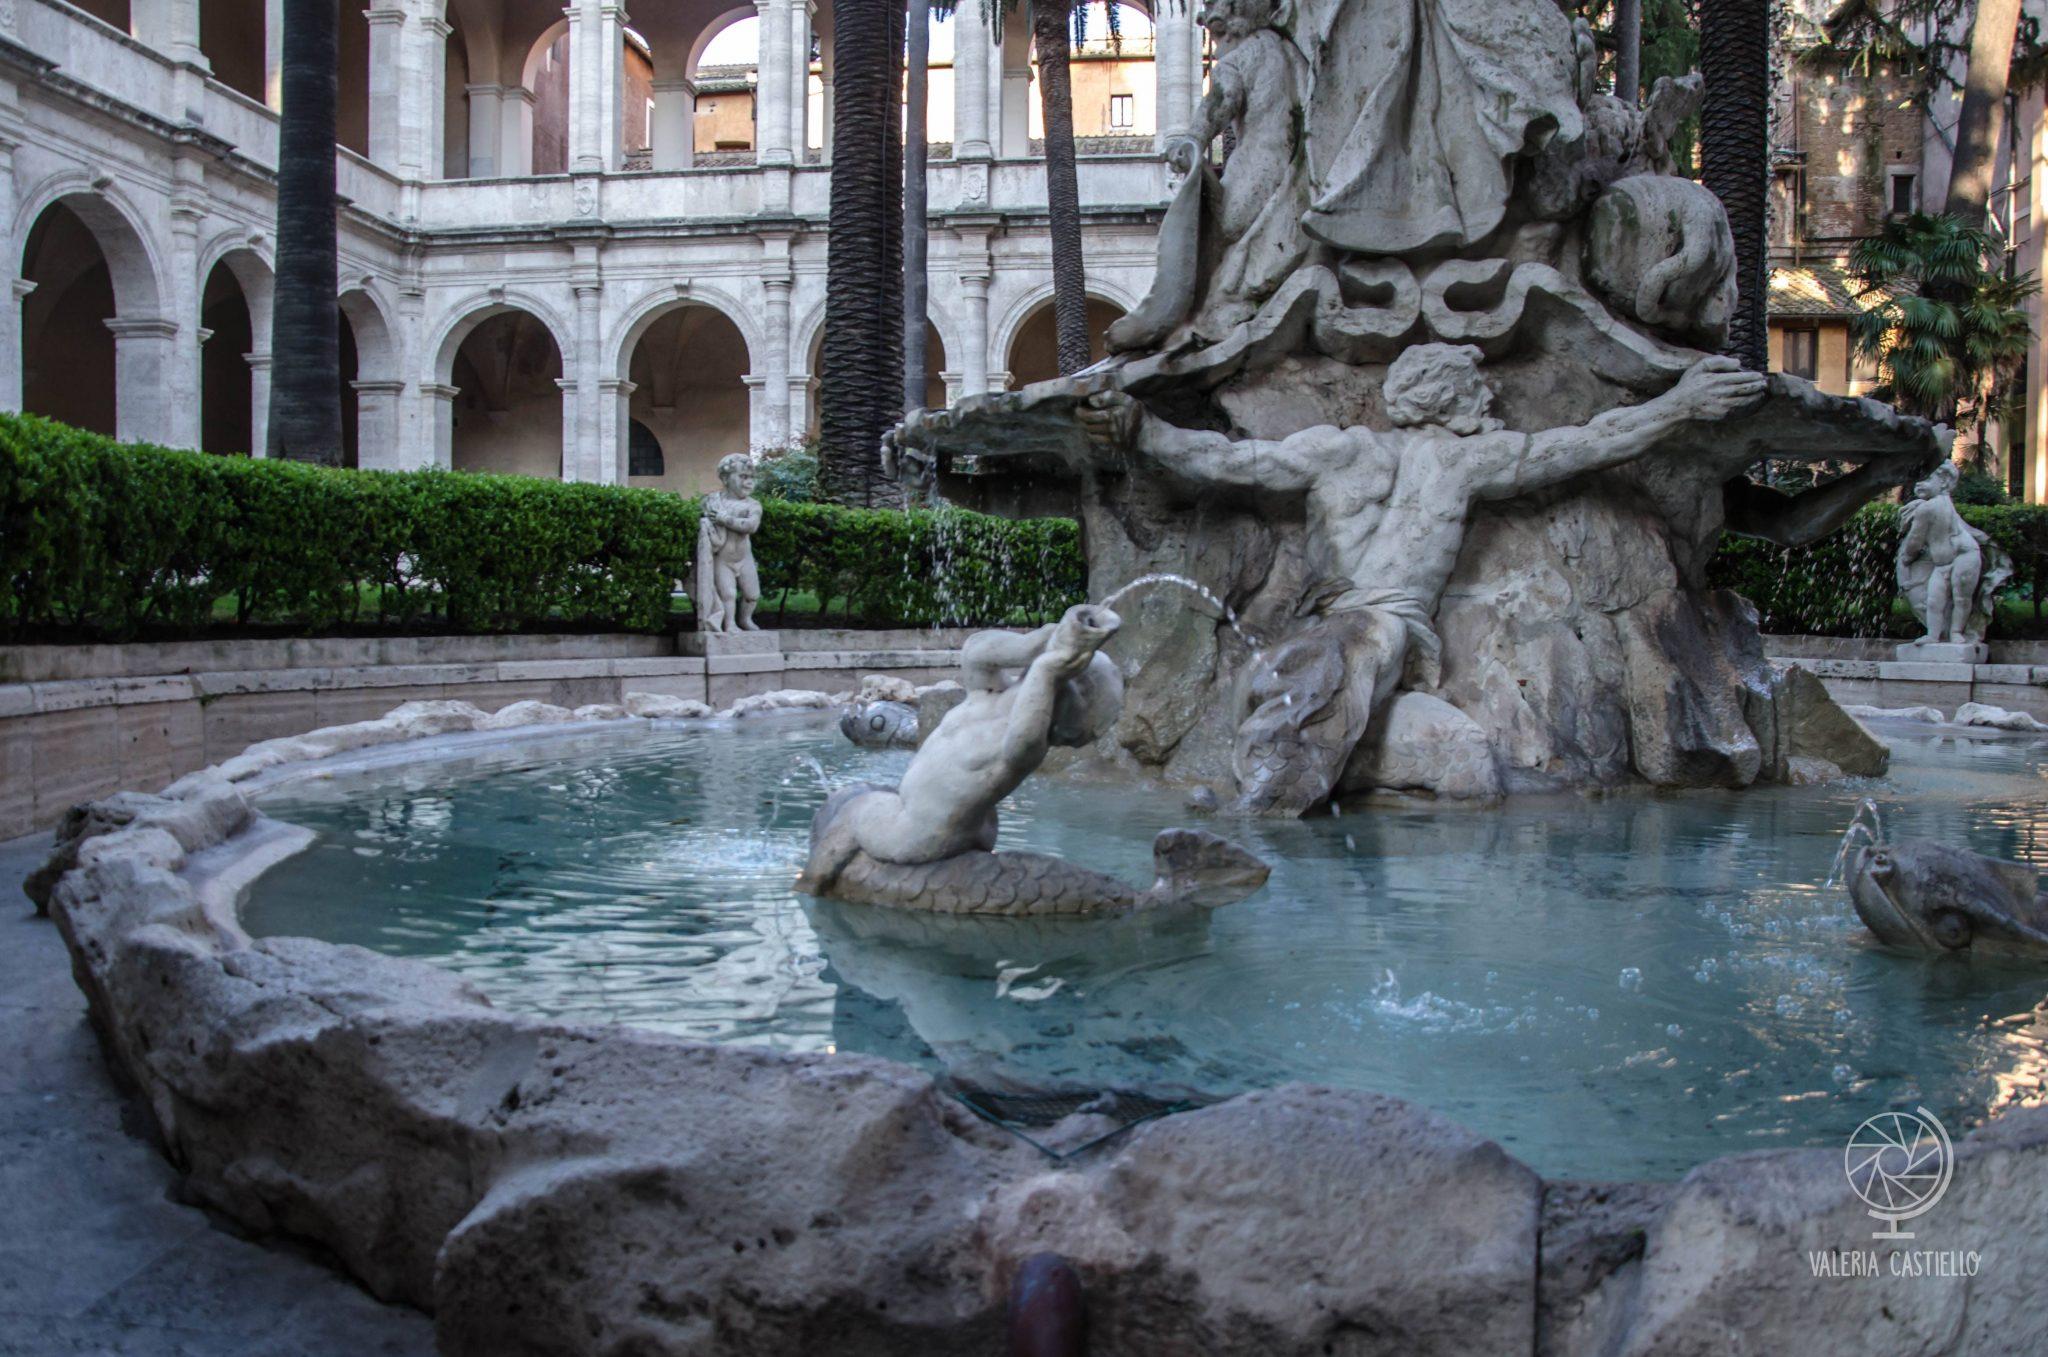 Giardino di Palazzo Venezia a Roma: la fontana del giardino ritrovato